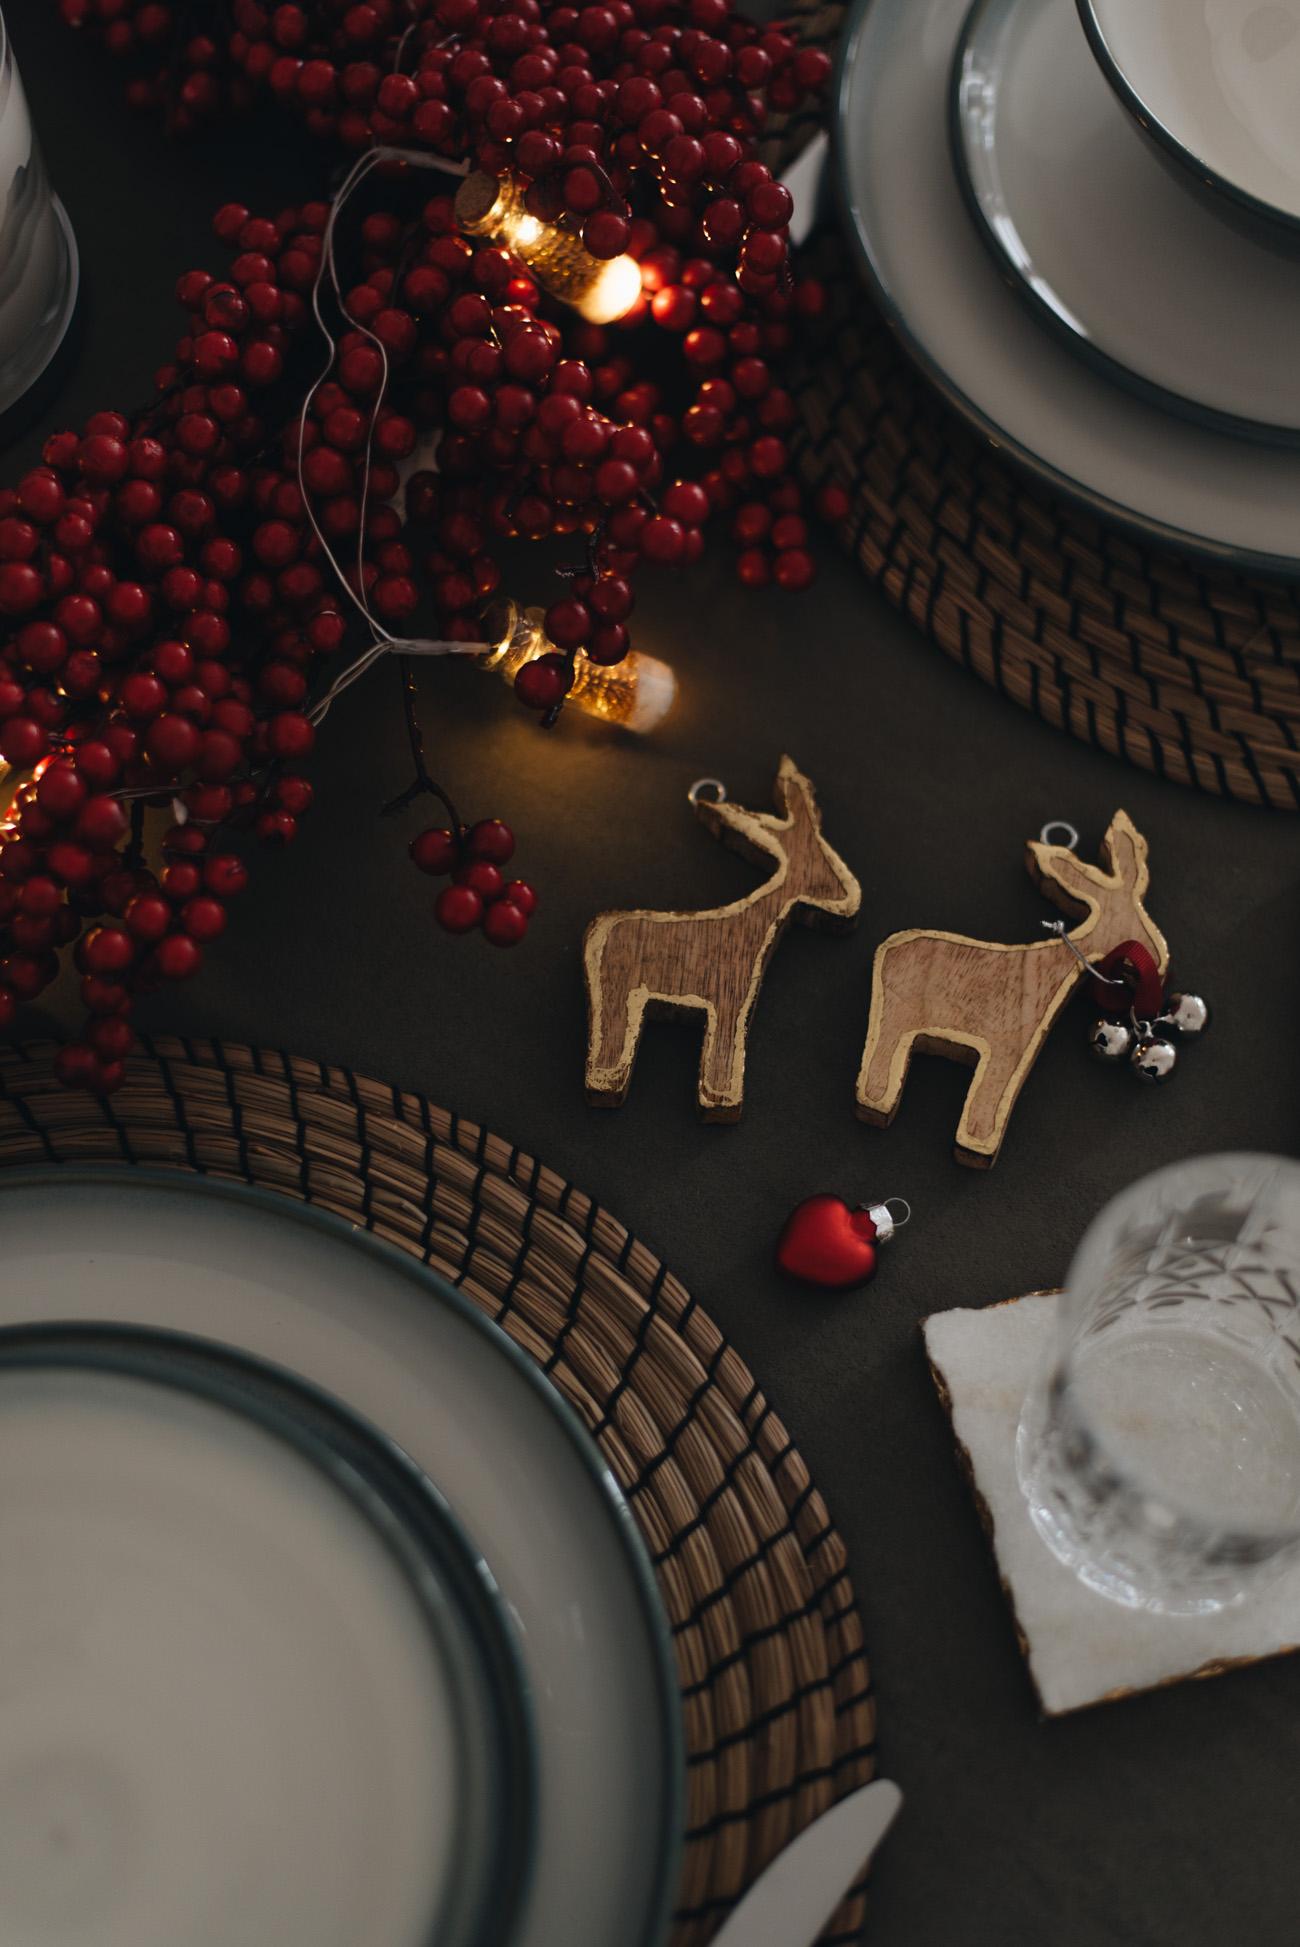 tischdeko-weihnachten-selber-machen-kranz-rot-ideen-nina-schwichtenberg-fashiioncarpet